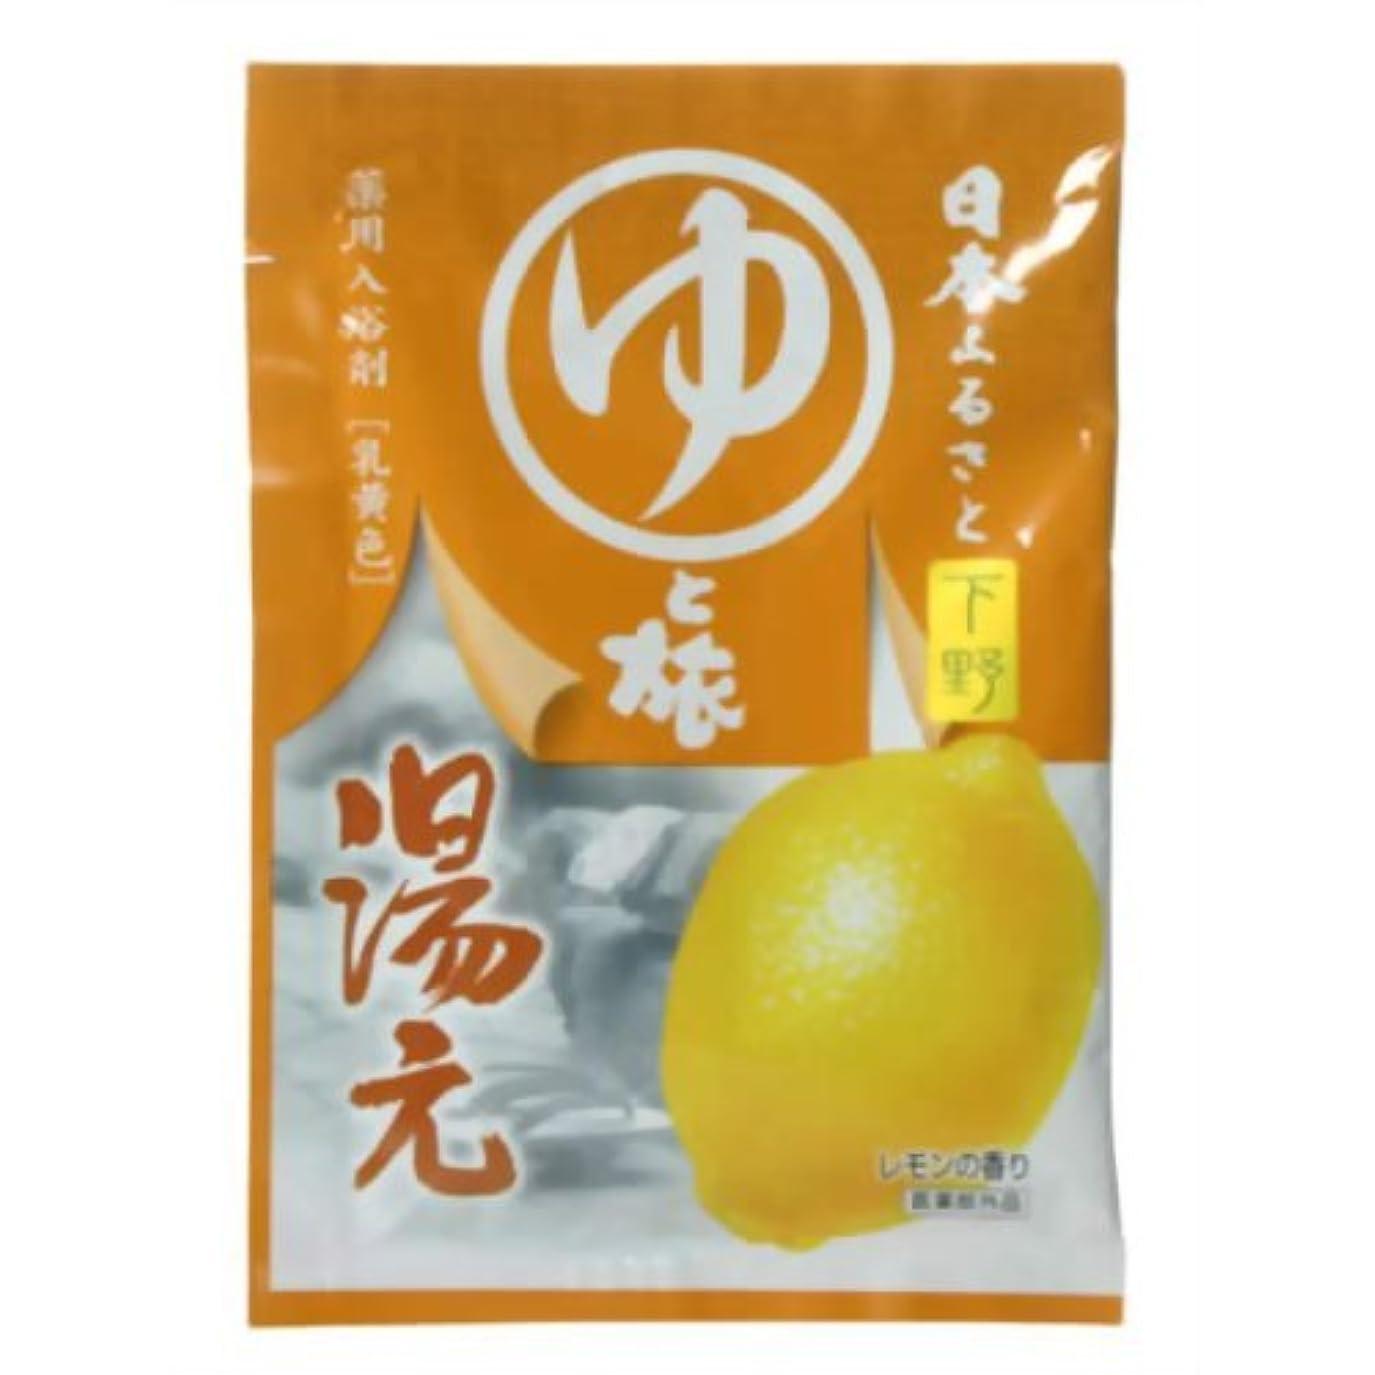 疼痛期限誘導ヤマサキの入浴剤シリーズ 湯元(入浴剤)